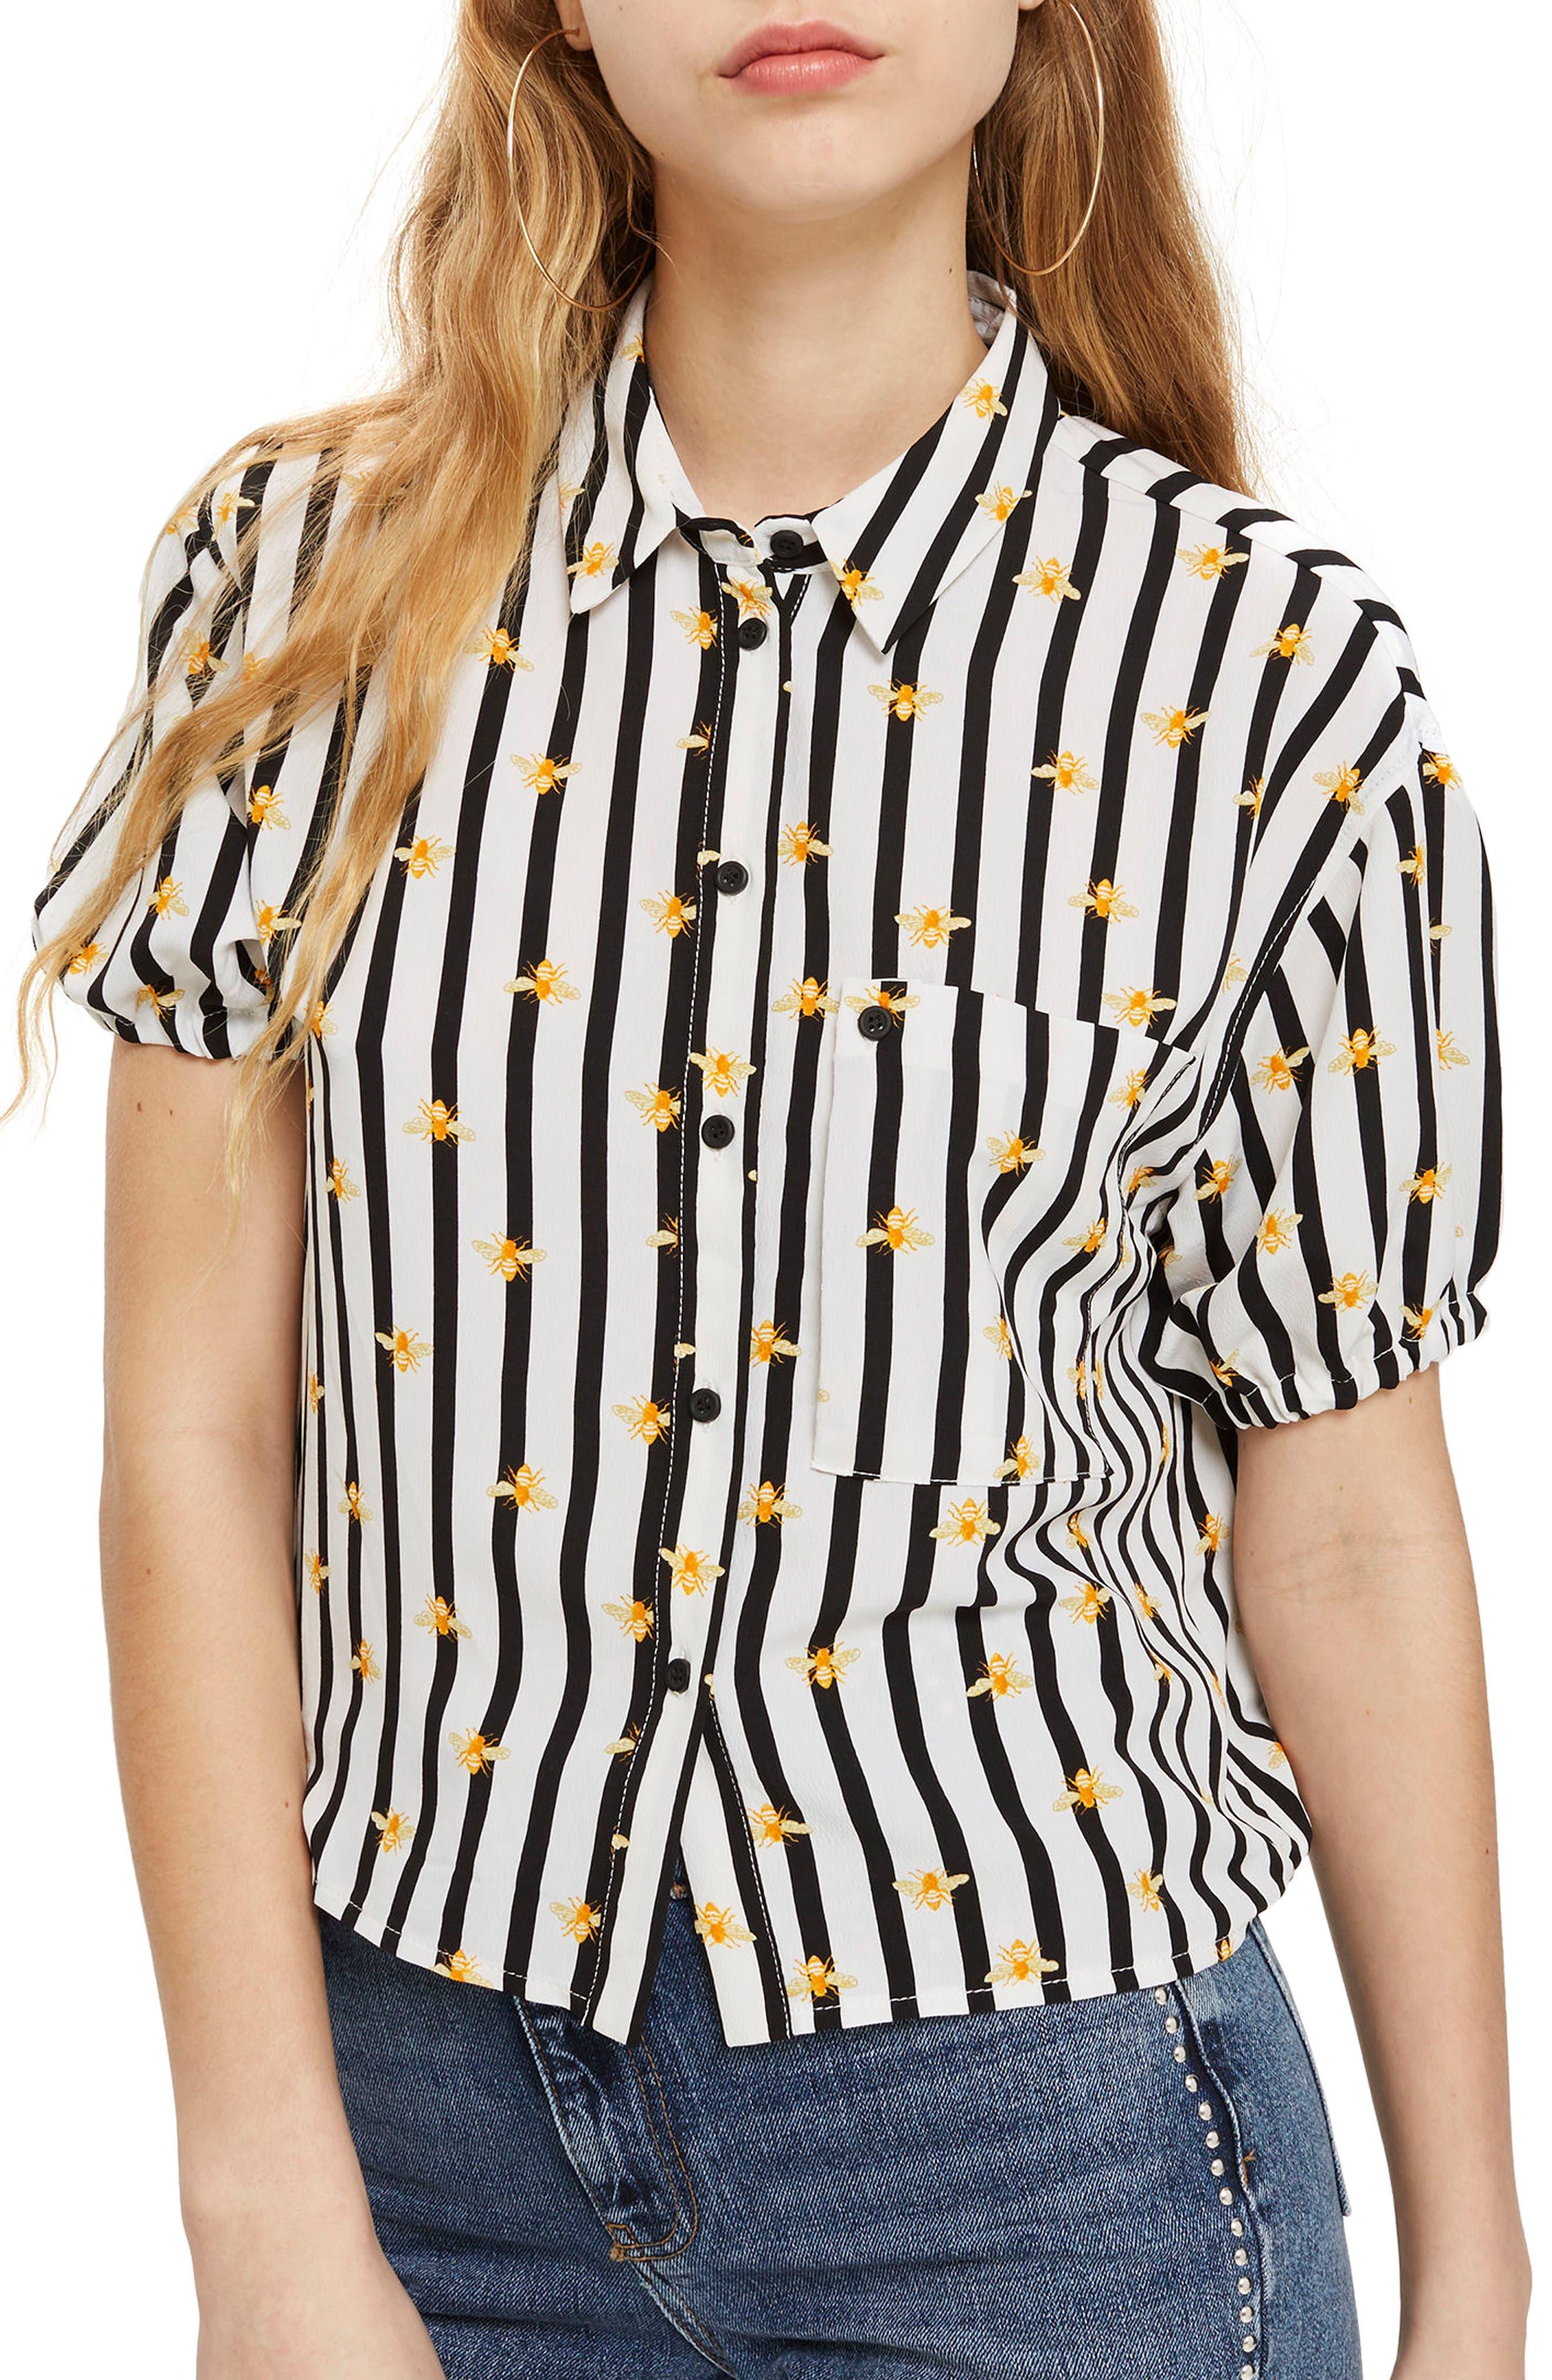 Alexa Bee Stripe Blouse,                             Main thumbnail 1, color,                             Black Multi